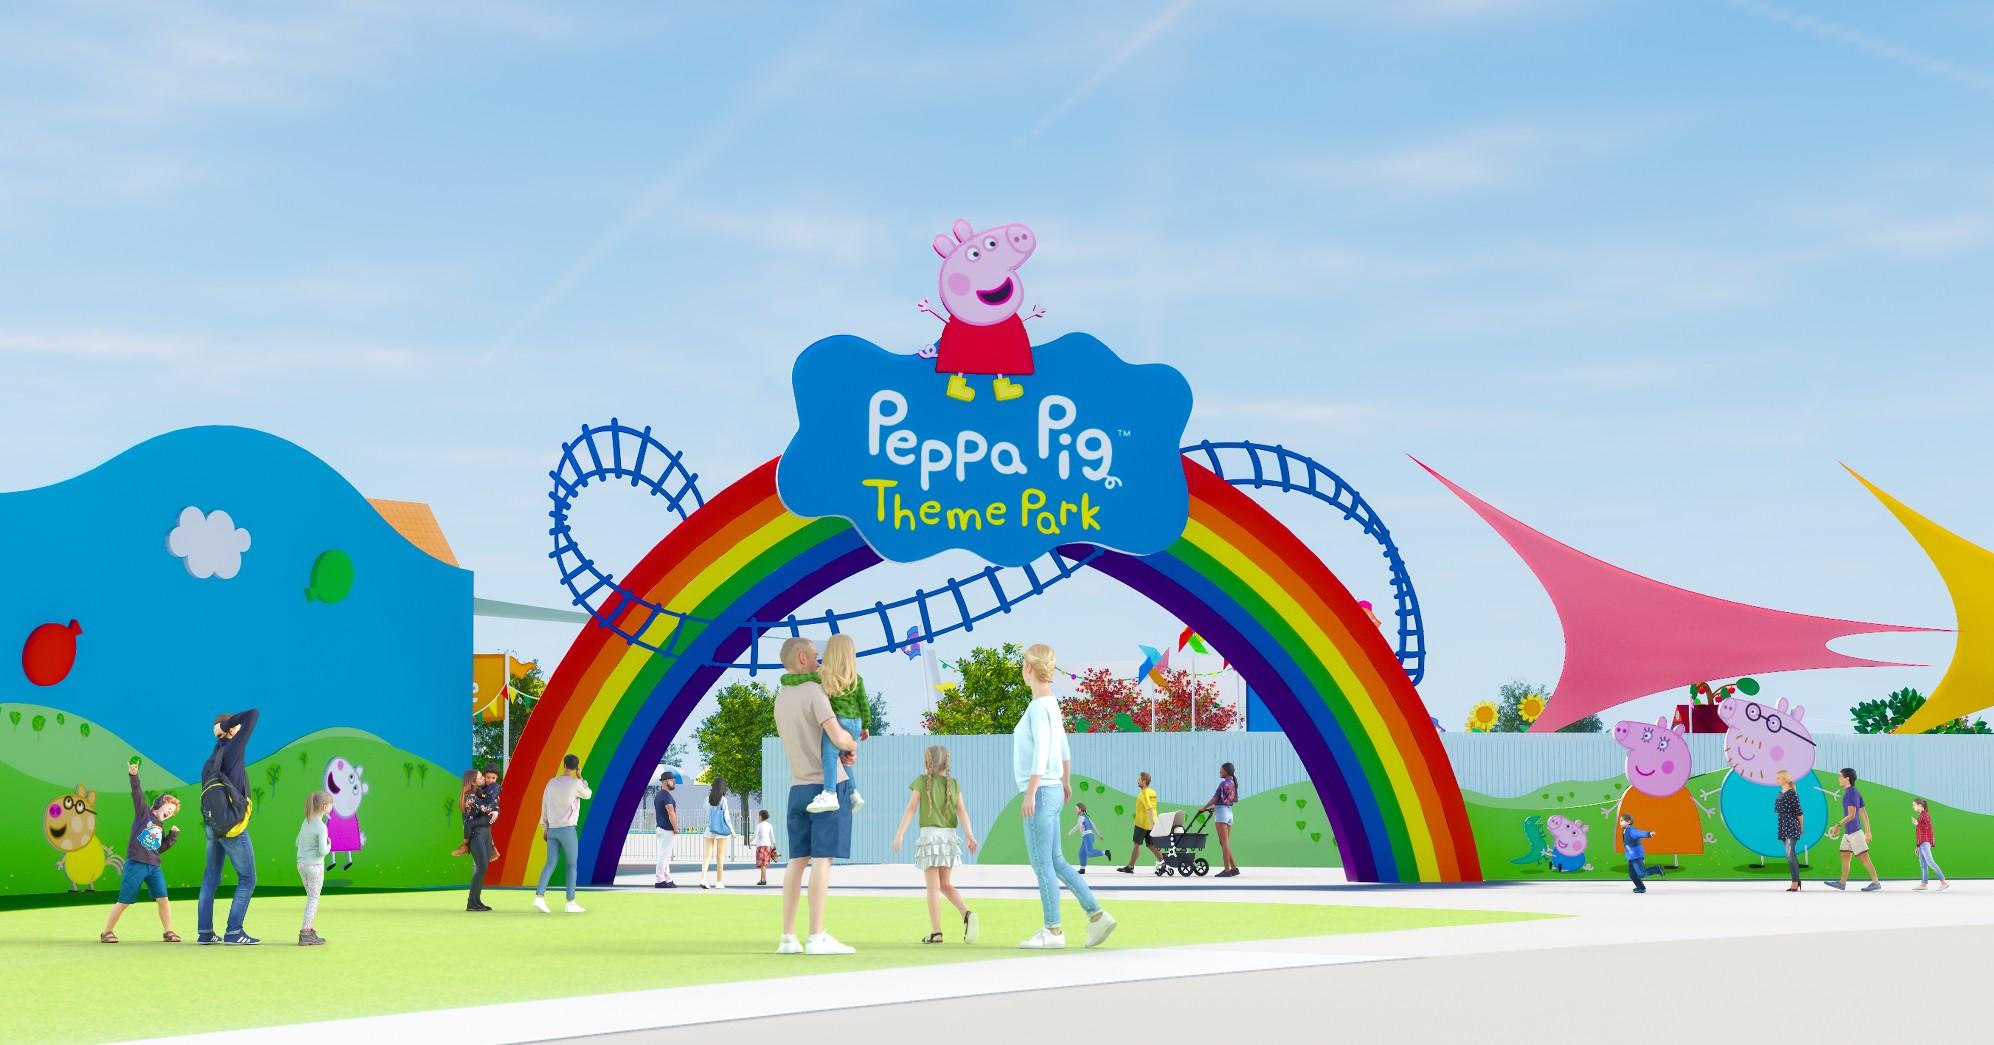 Parque temático da Peppa Pig será inaugurado em 2022 na Flórida thumbnail